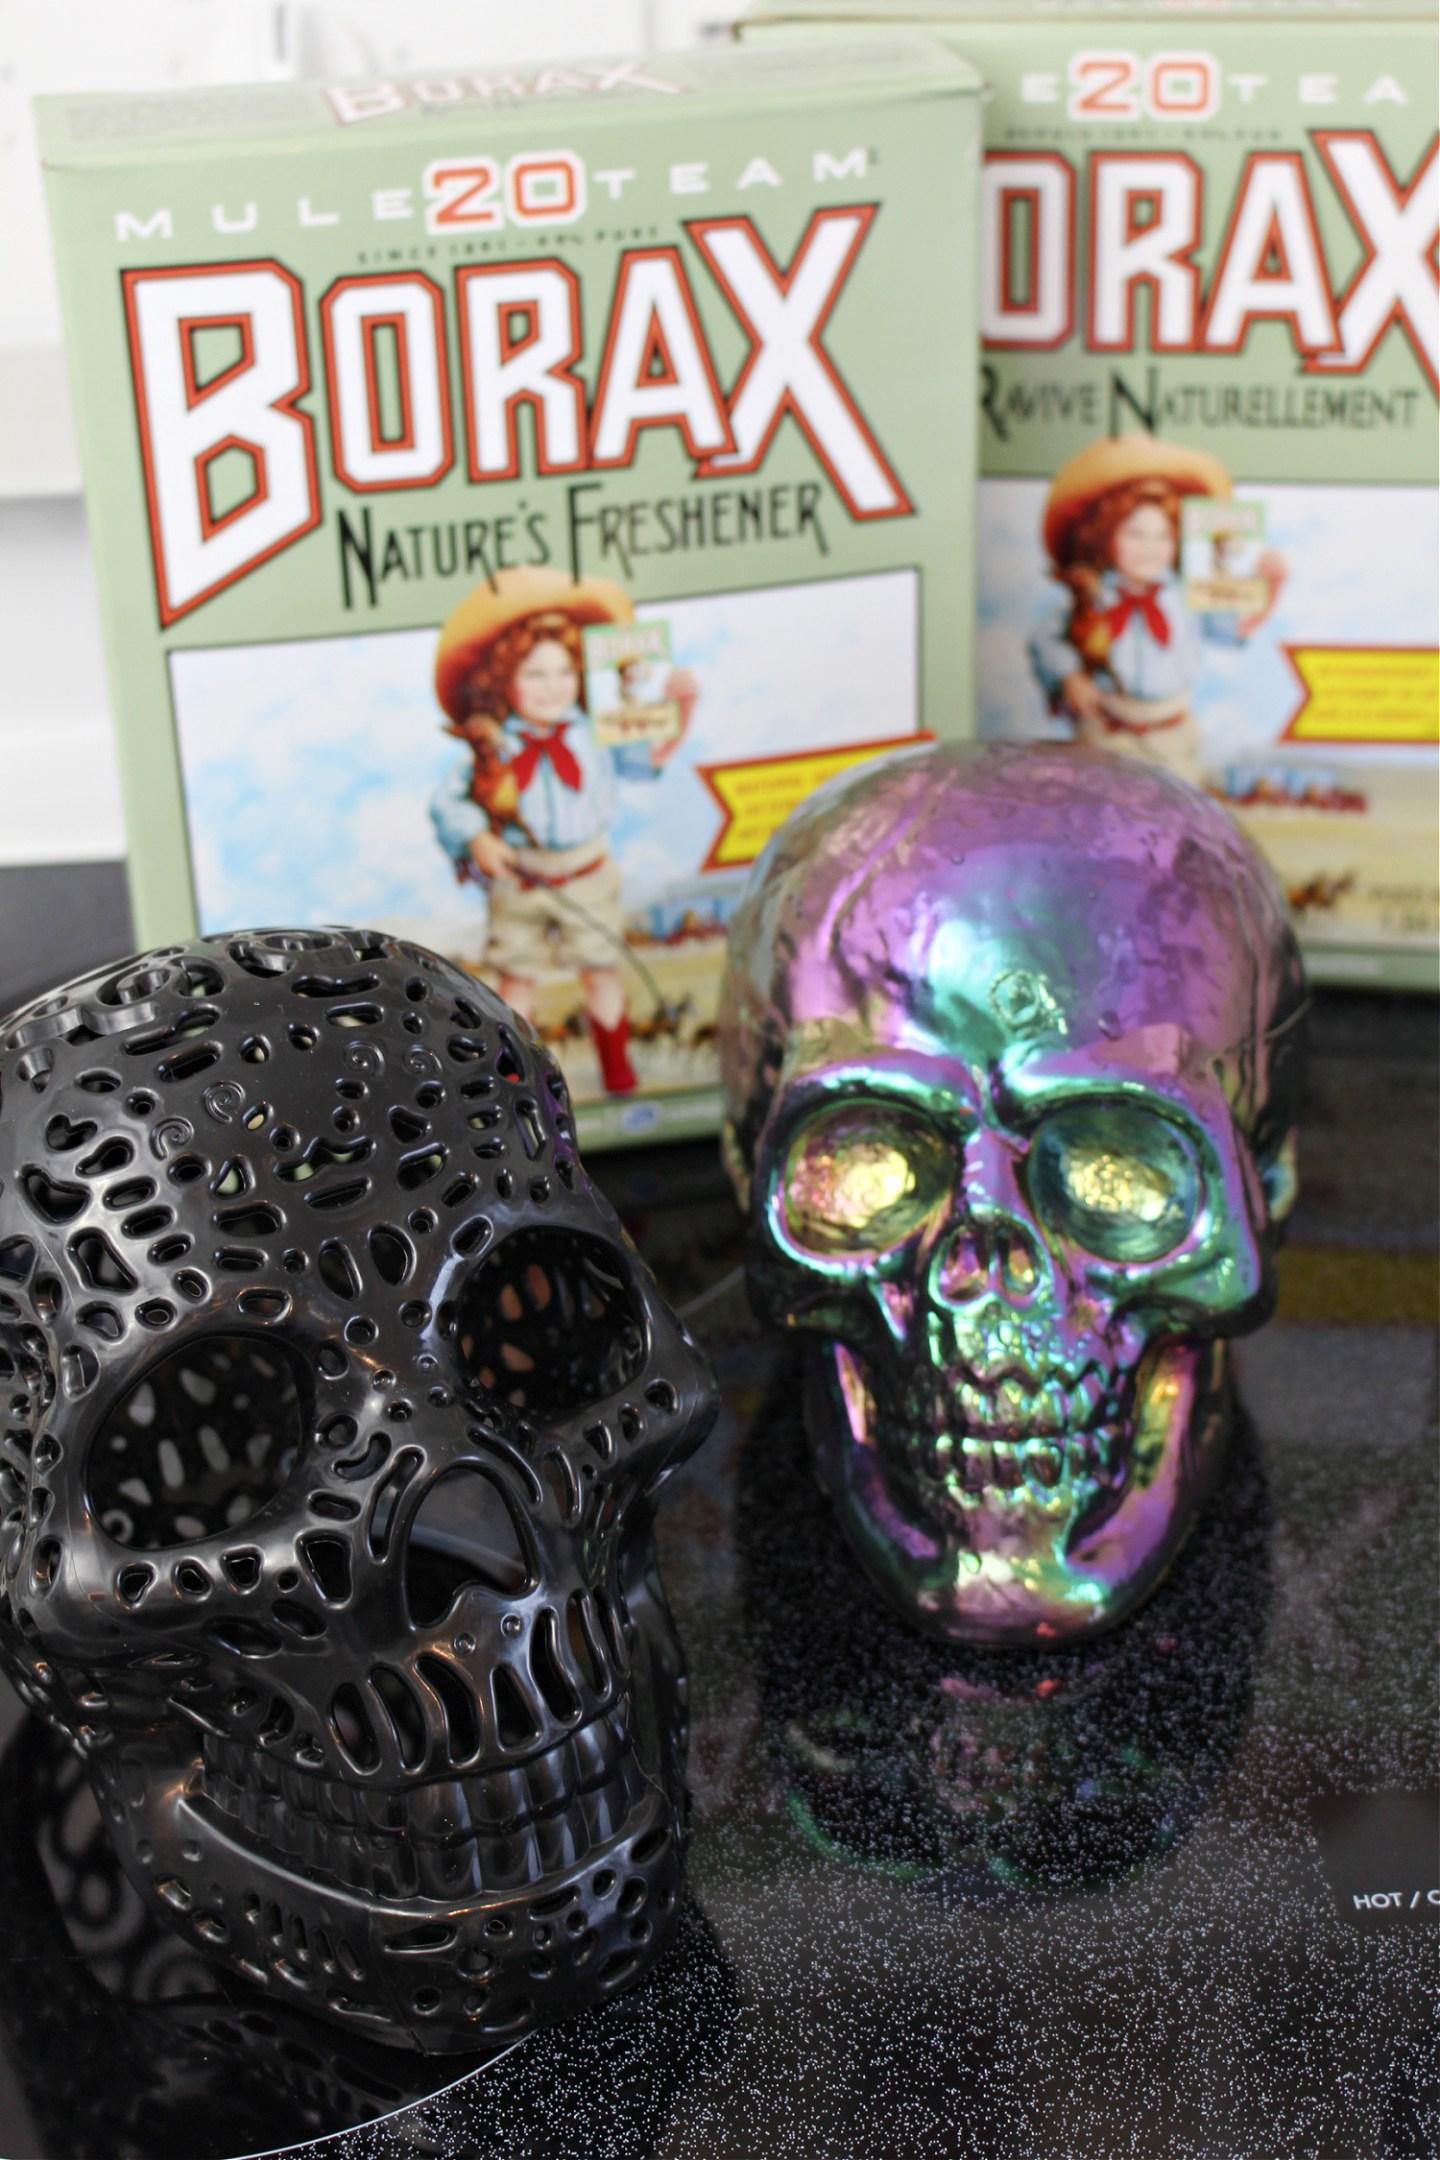 DIY Borax Crystal Skull Tutorial